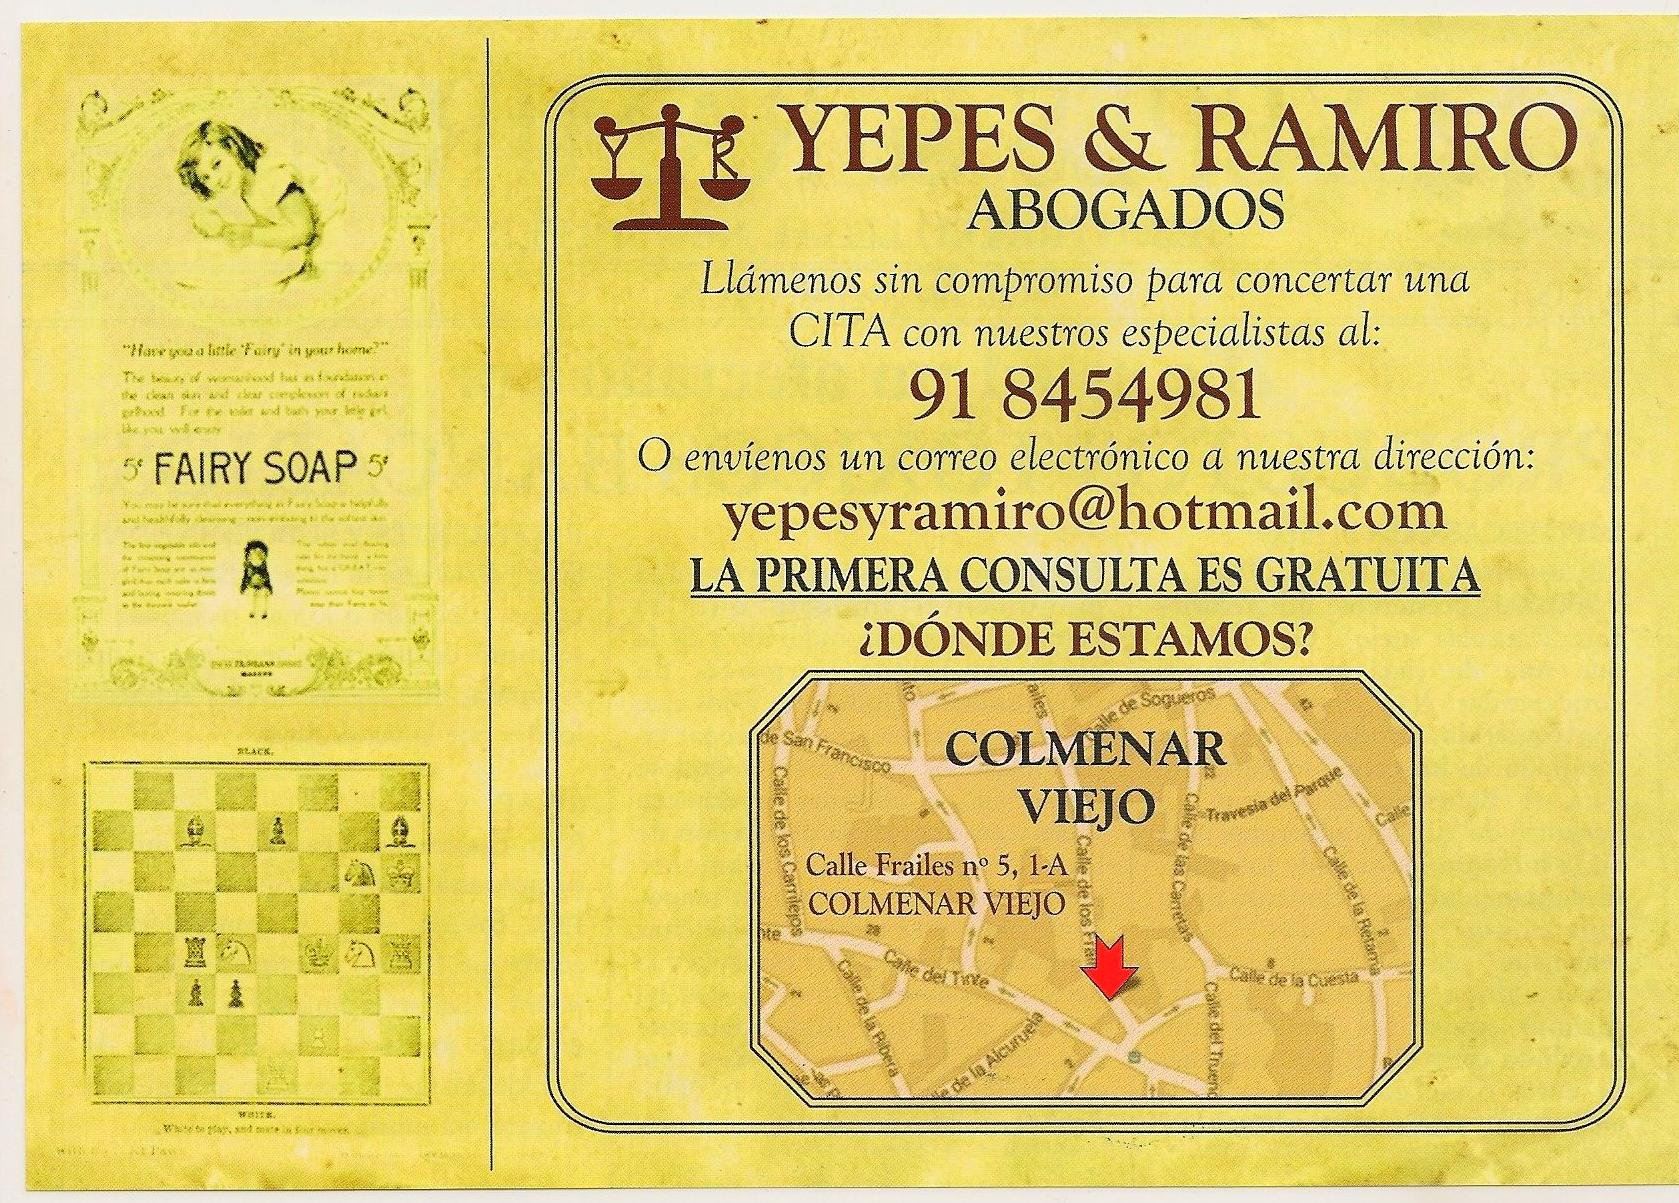 Foto 13 de Abogados en Colmenar Viejo | Yepes y Ramiro Abogados, S.L.